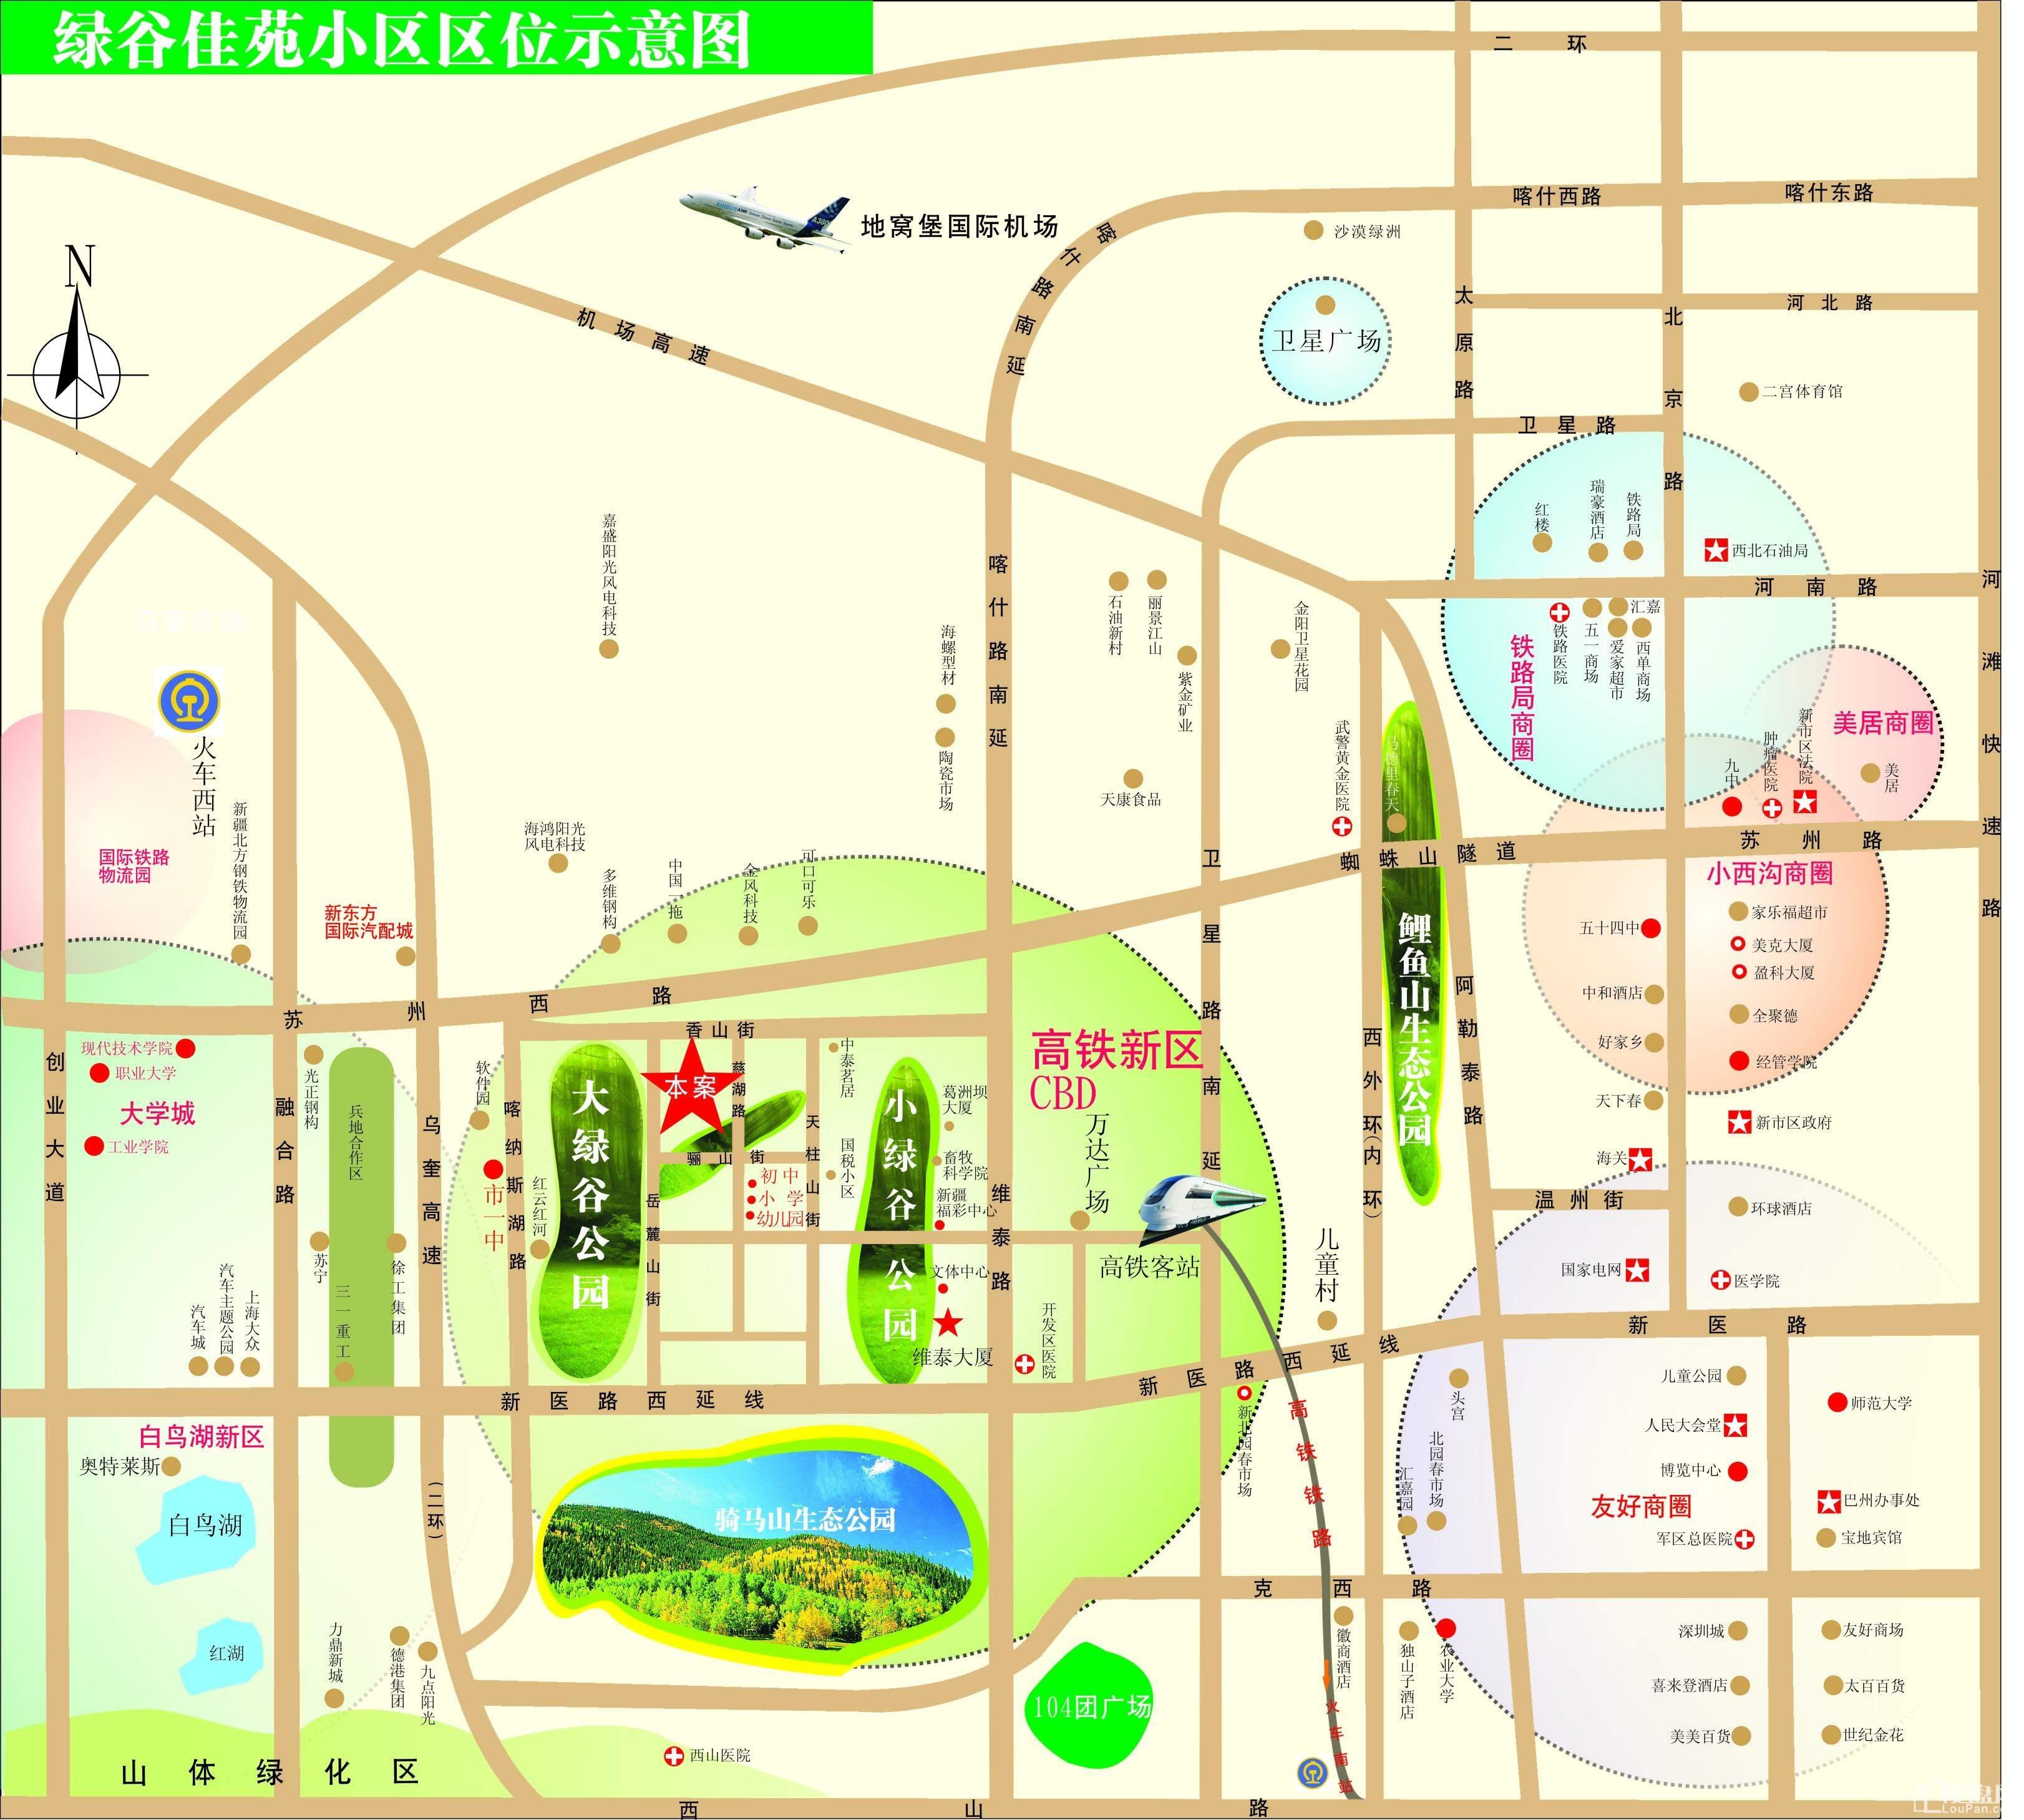 巨源 绿谷佳苑位置图